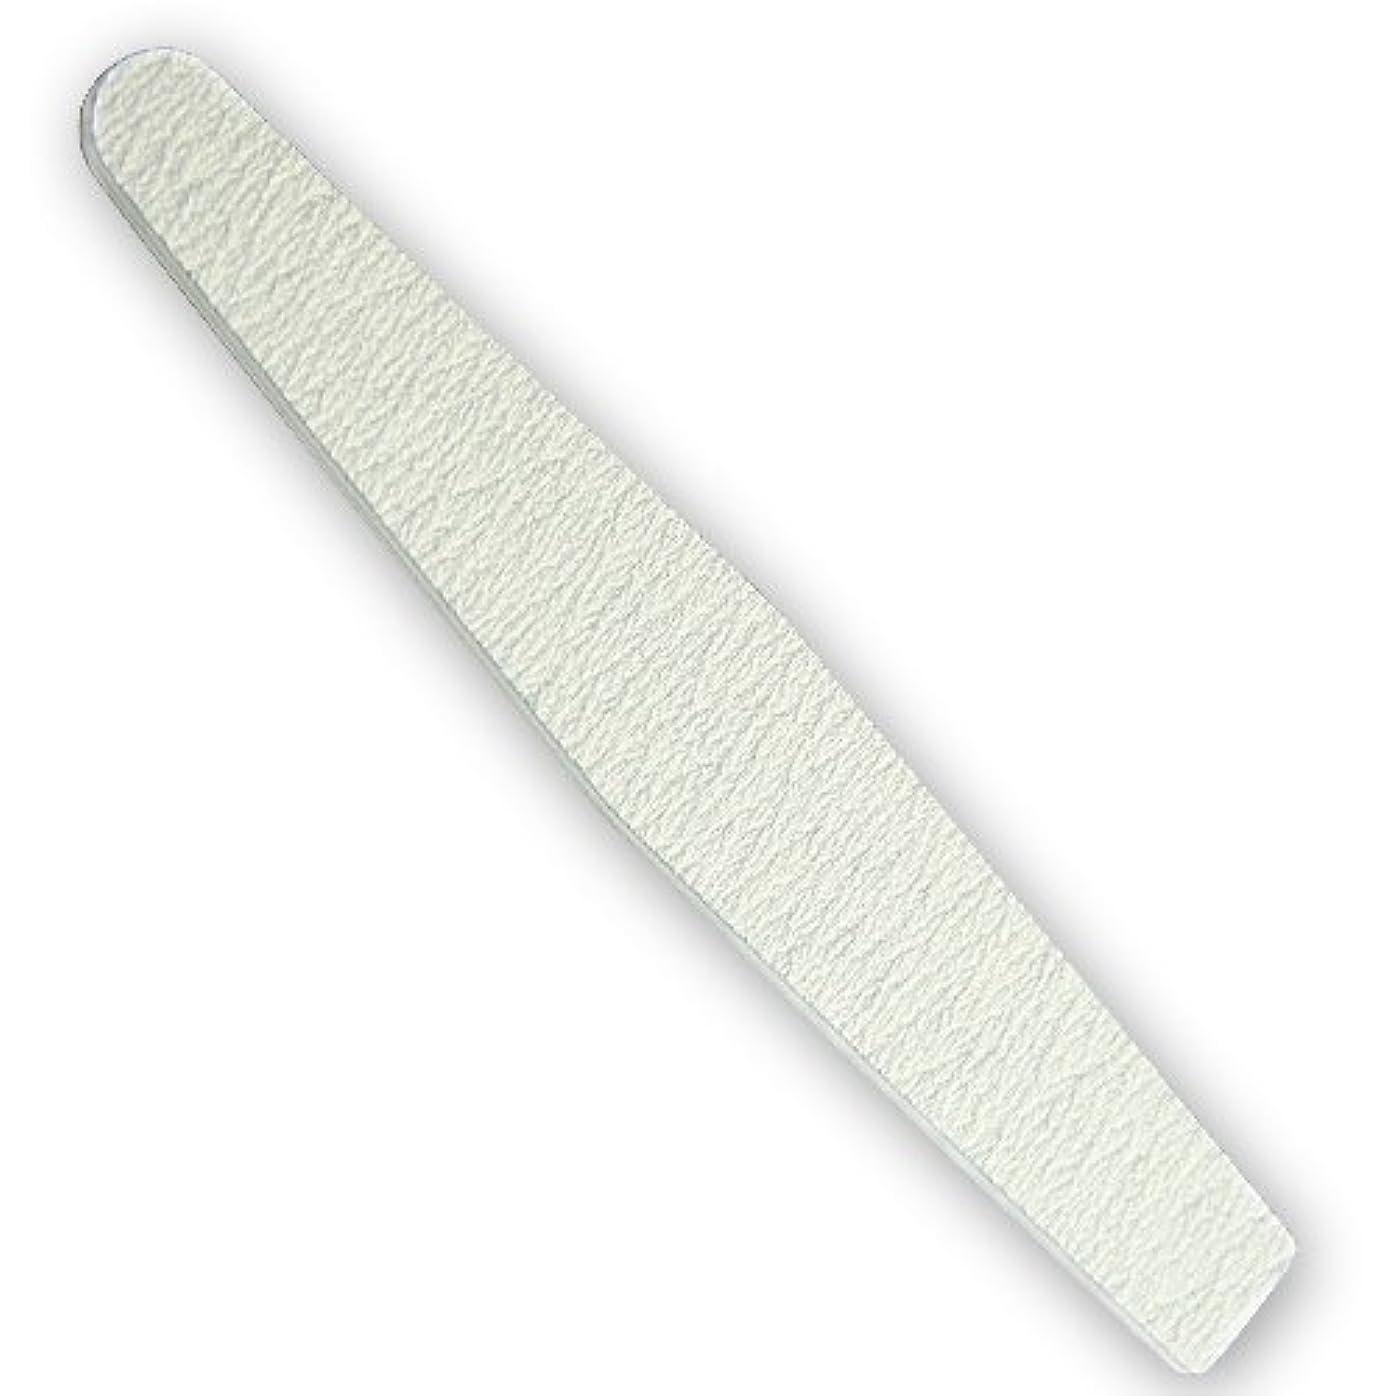 脳ぬれた限界ジェルネイル用ファイル100/180(爪やすり)シンプルで使いやすい